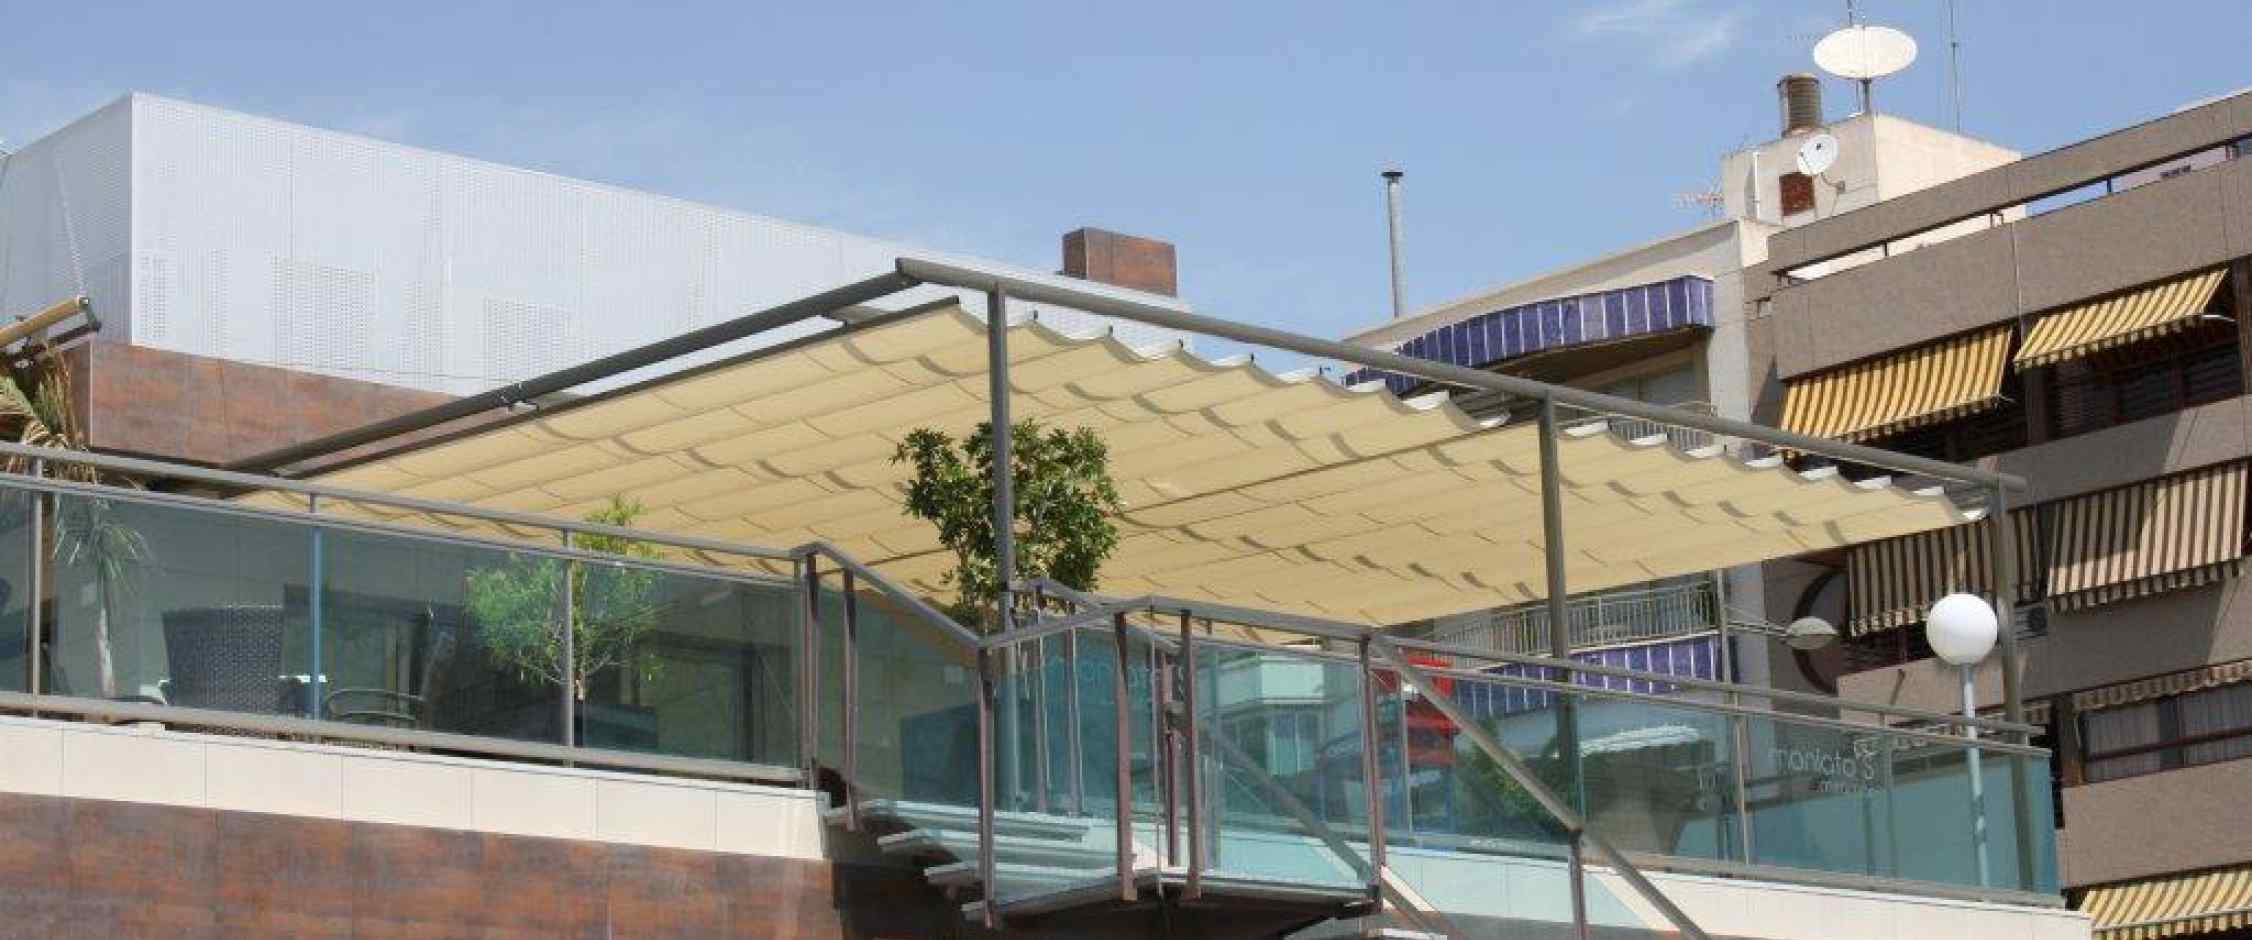 Toldo plano zen torretoldo for Toldos verticales para terrazas